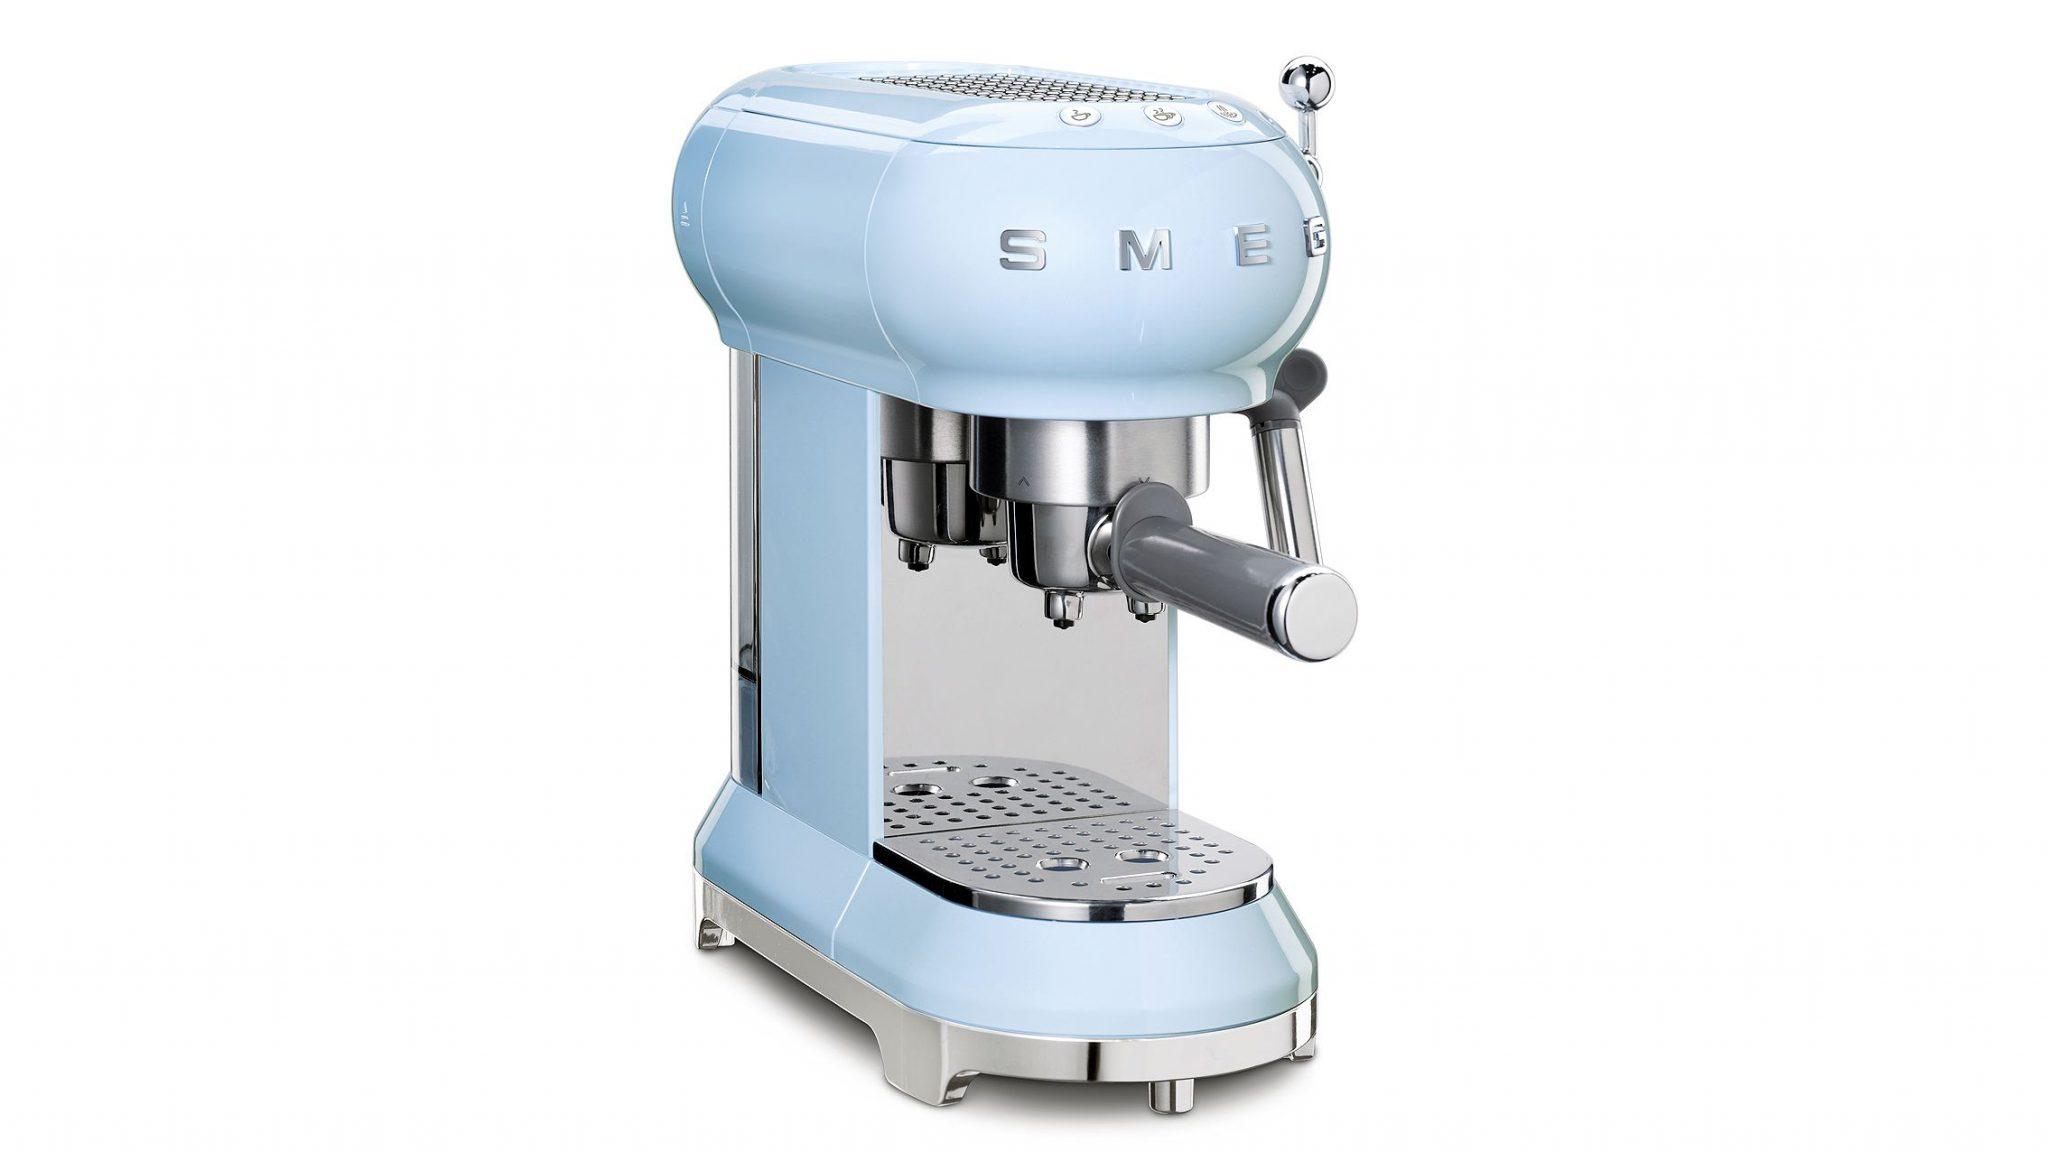 2 2 - بهترین دستگاه های اسپرسو ساز (قهوه ساز) برای خرید کدام اند؟